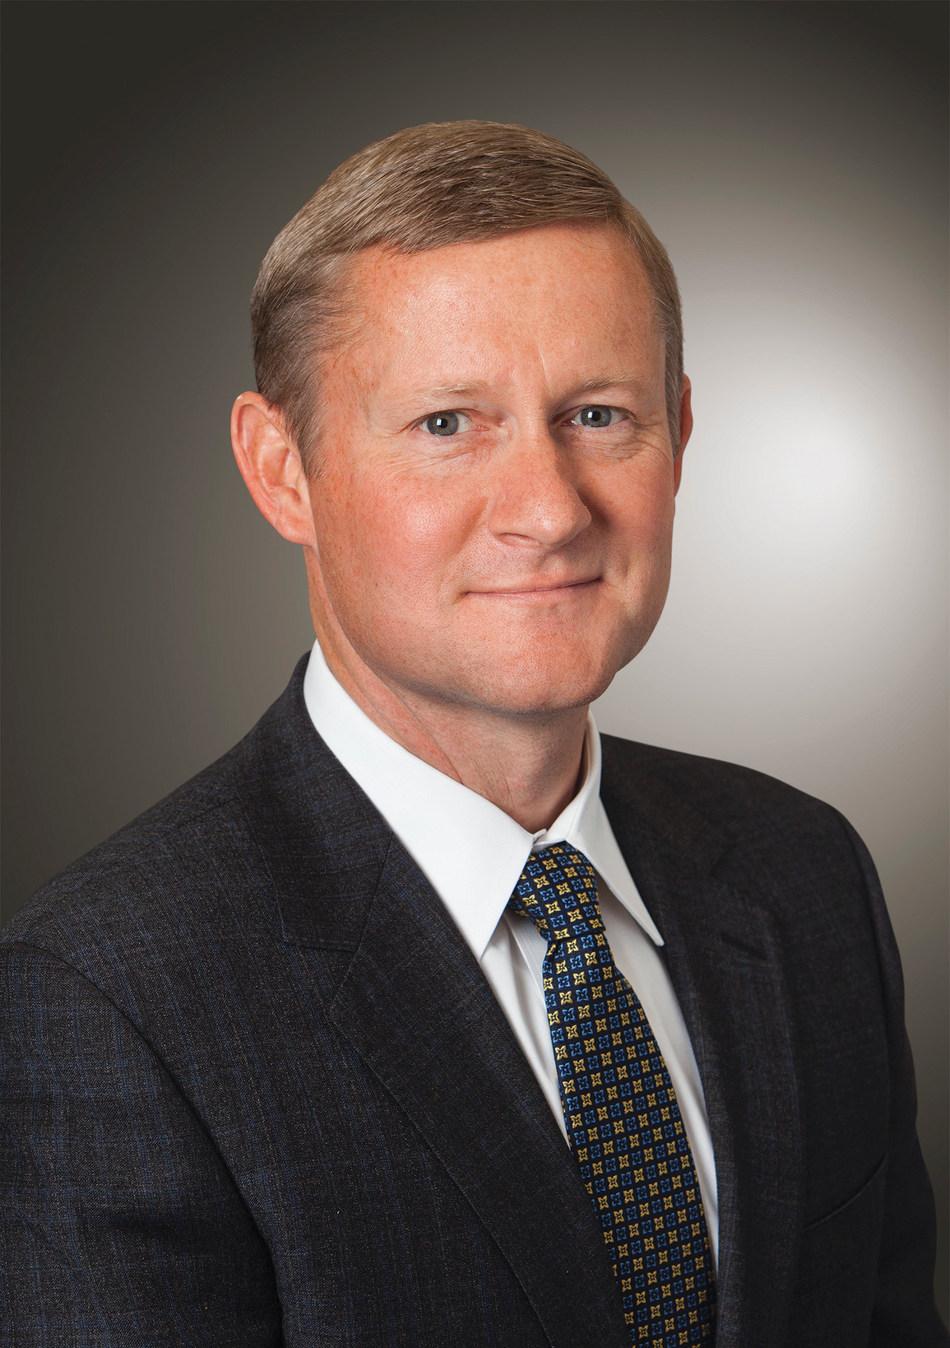 John C. May